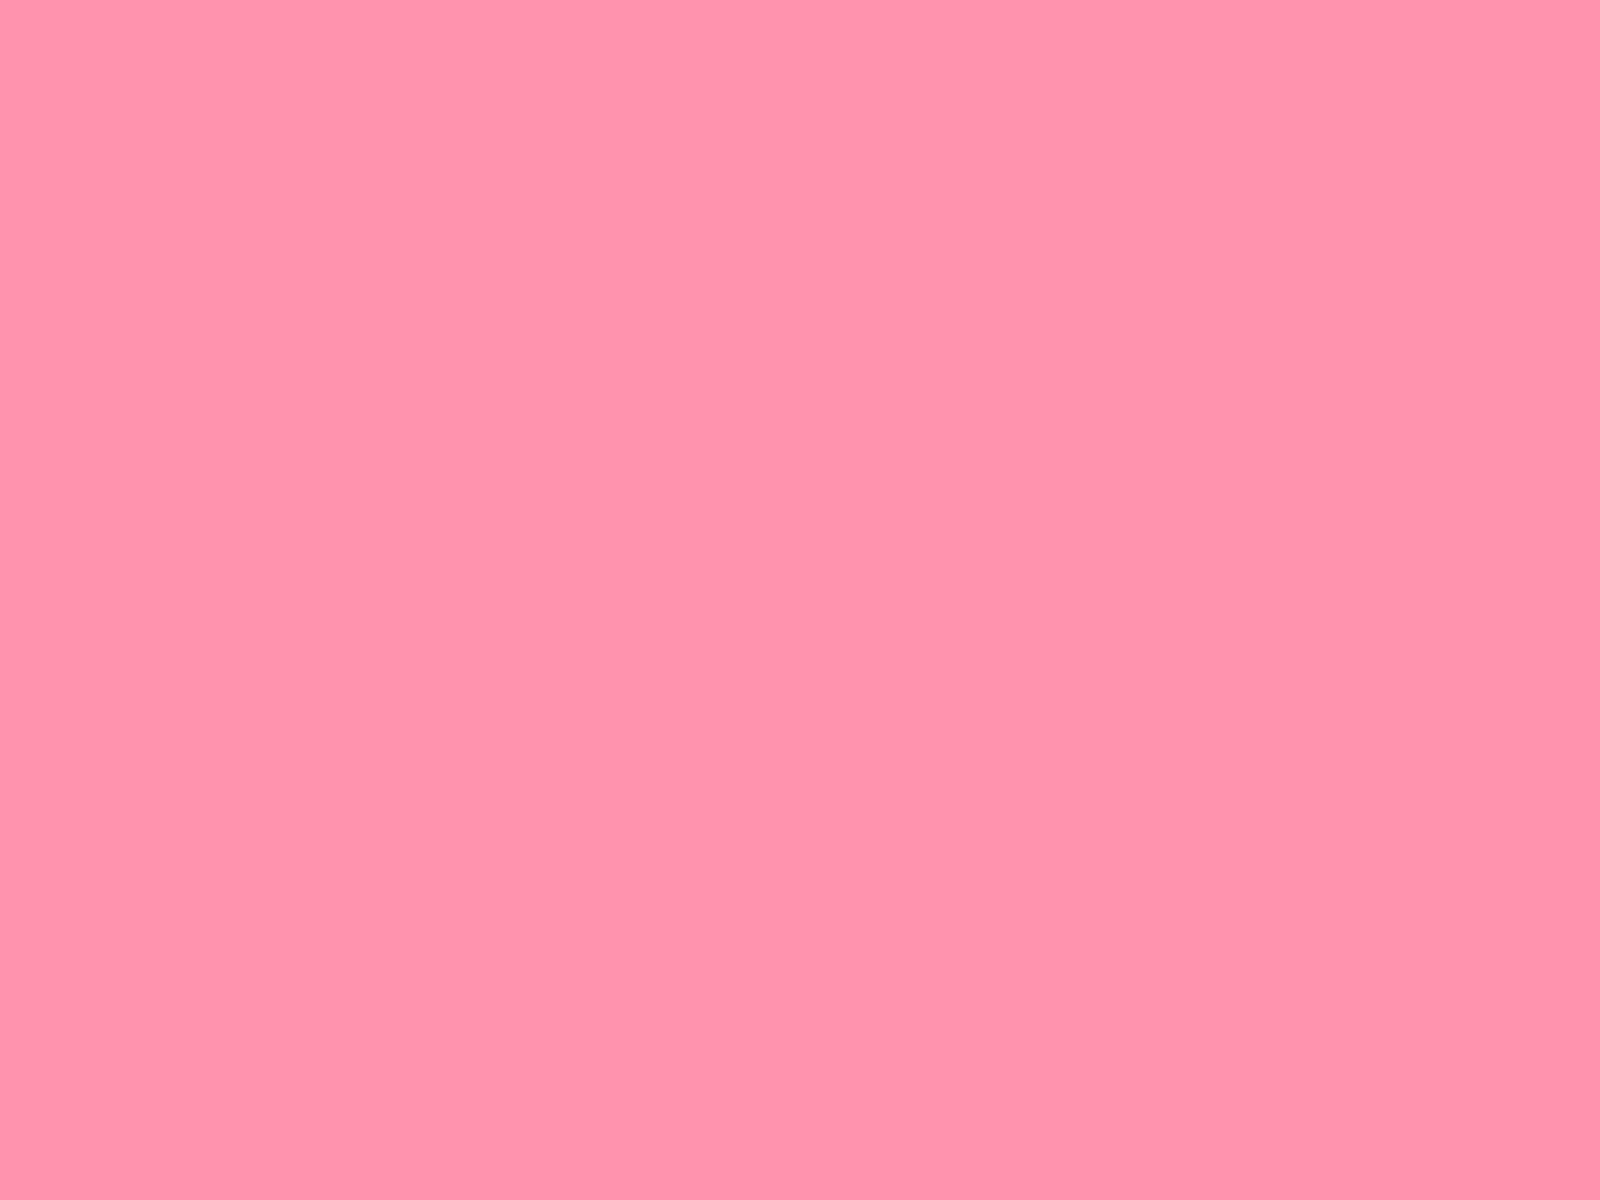 1600x1200 Baker-Miller Pink Solid Color Background